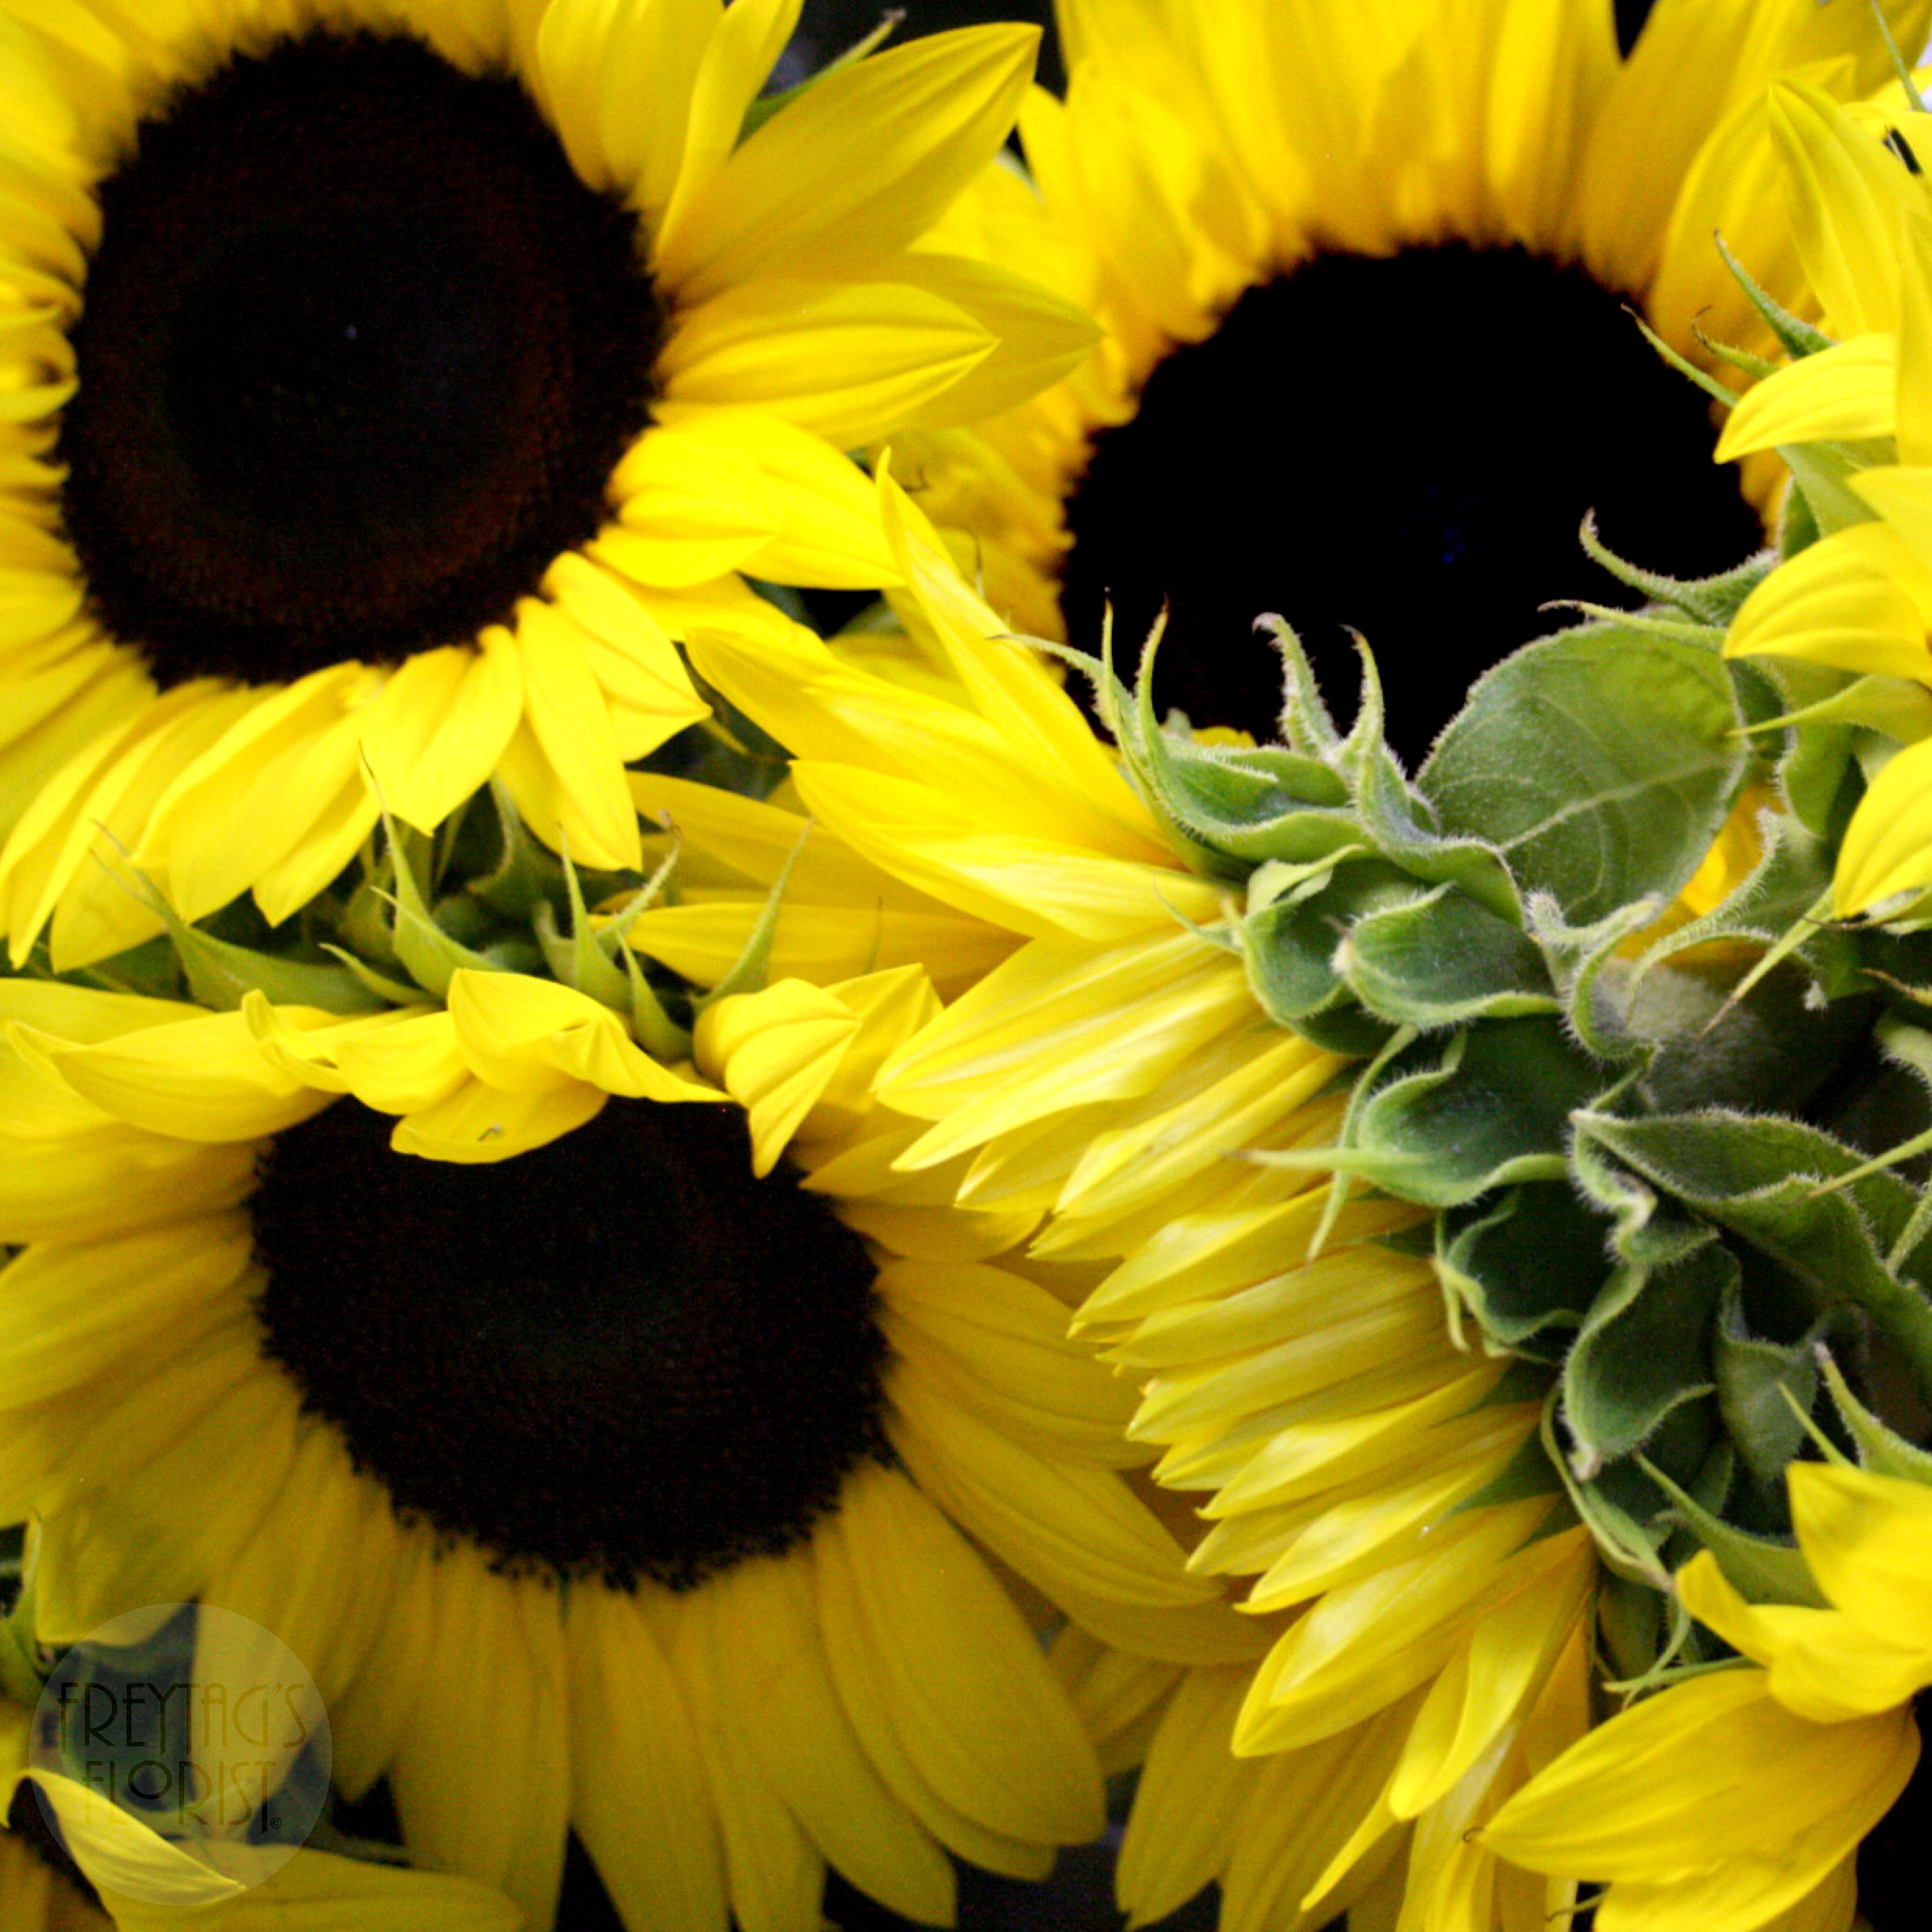 Sunflowers Freytag's Florist Austin, TX Austin